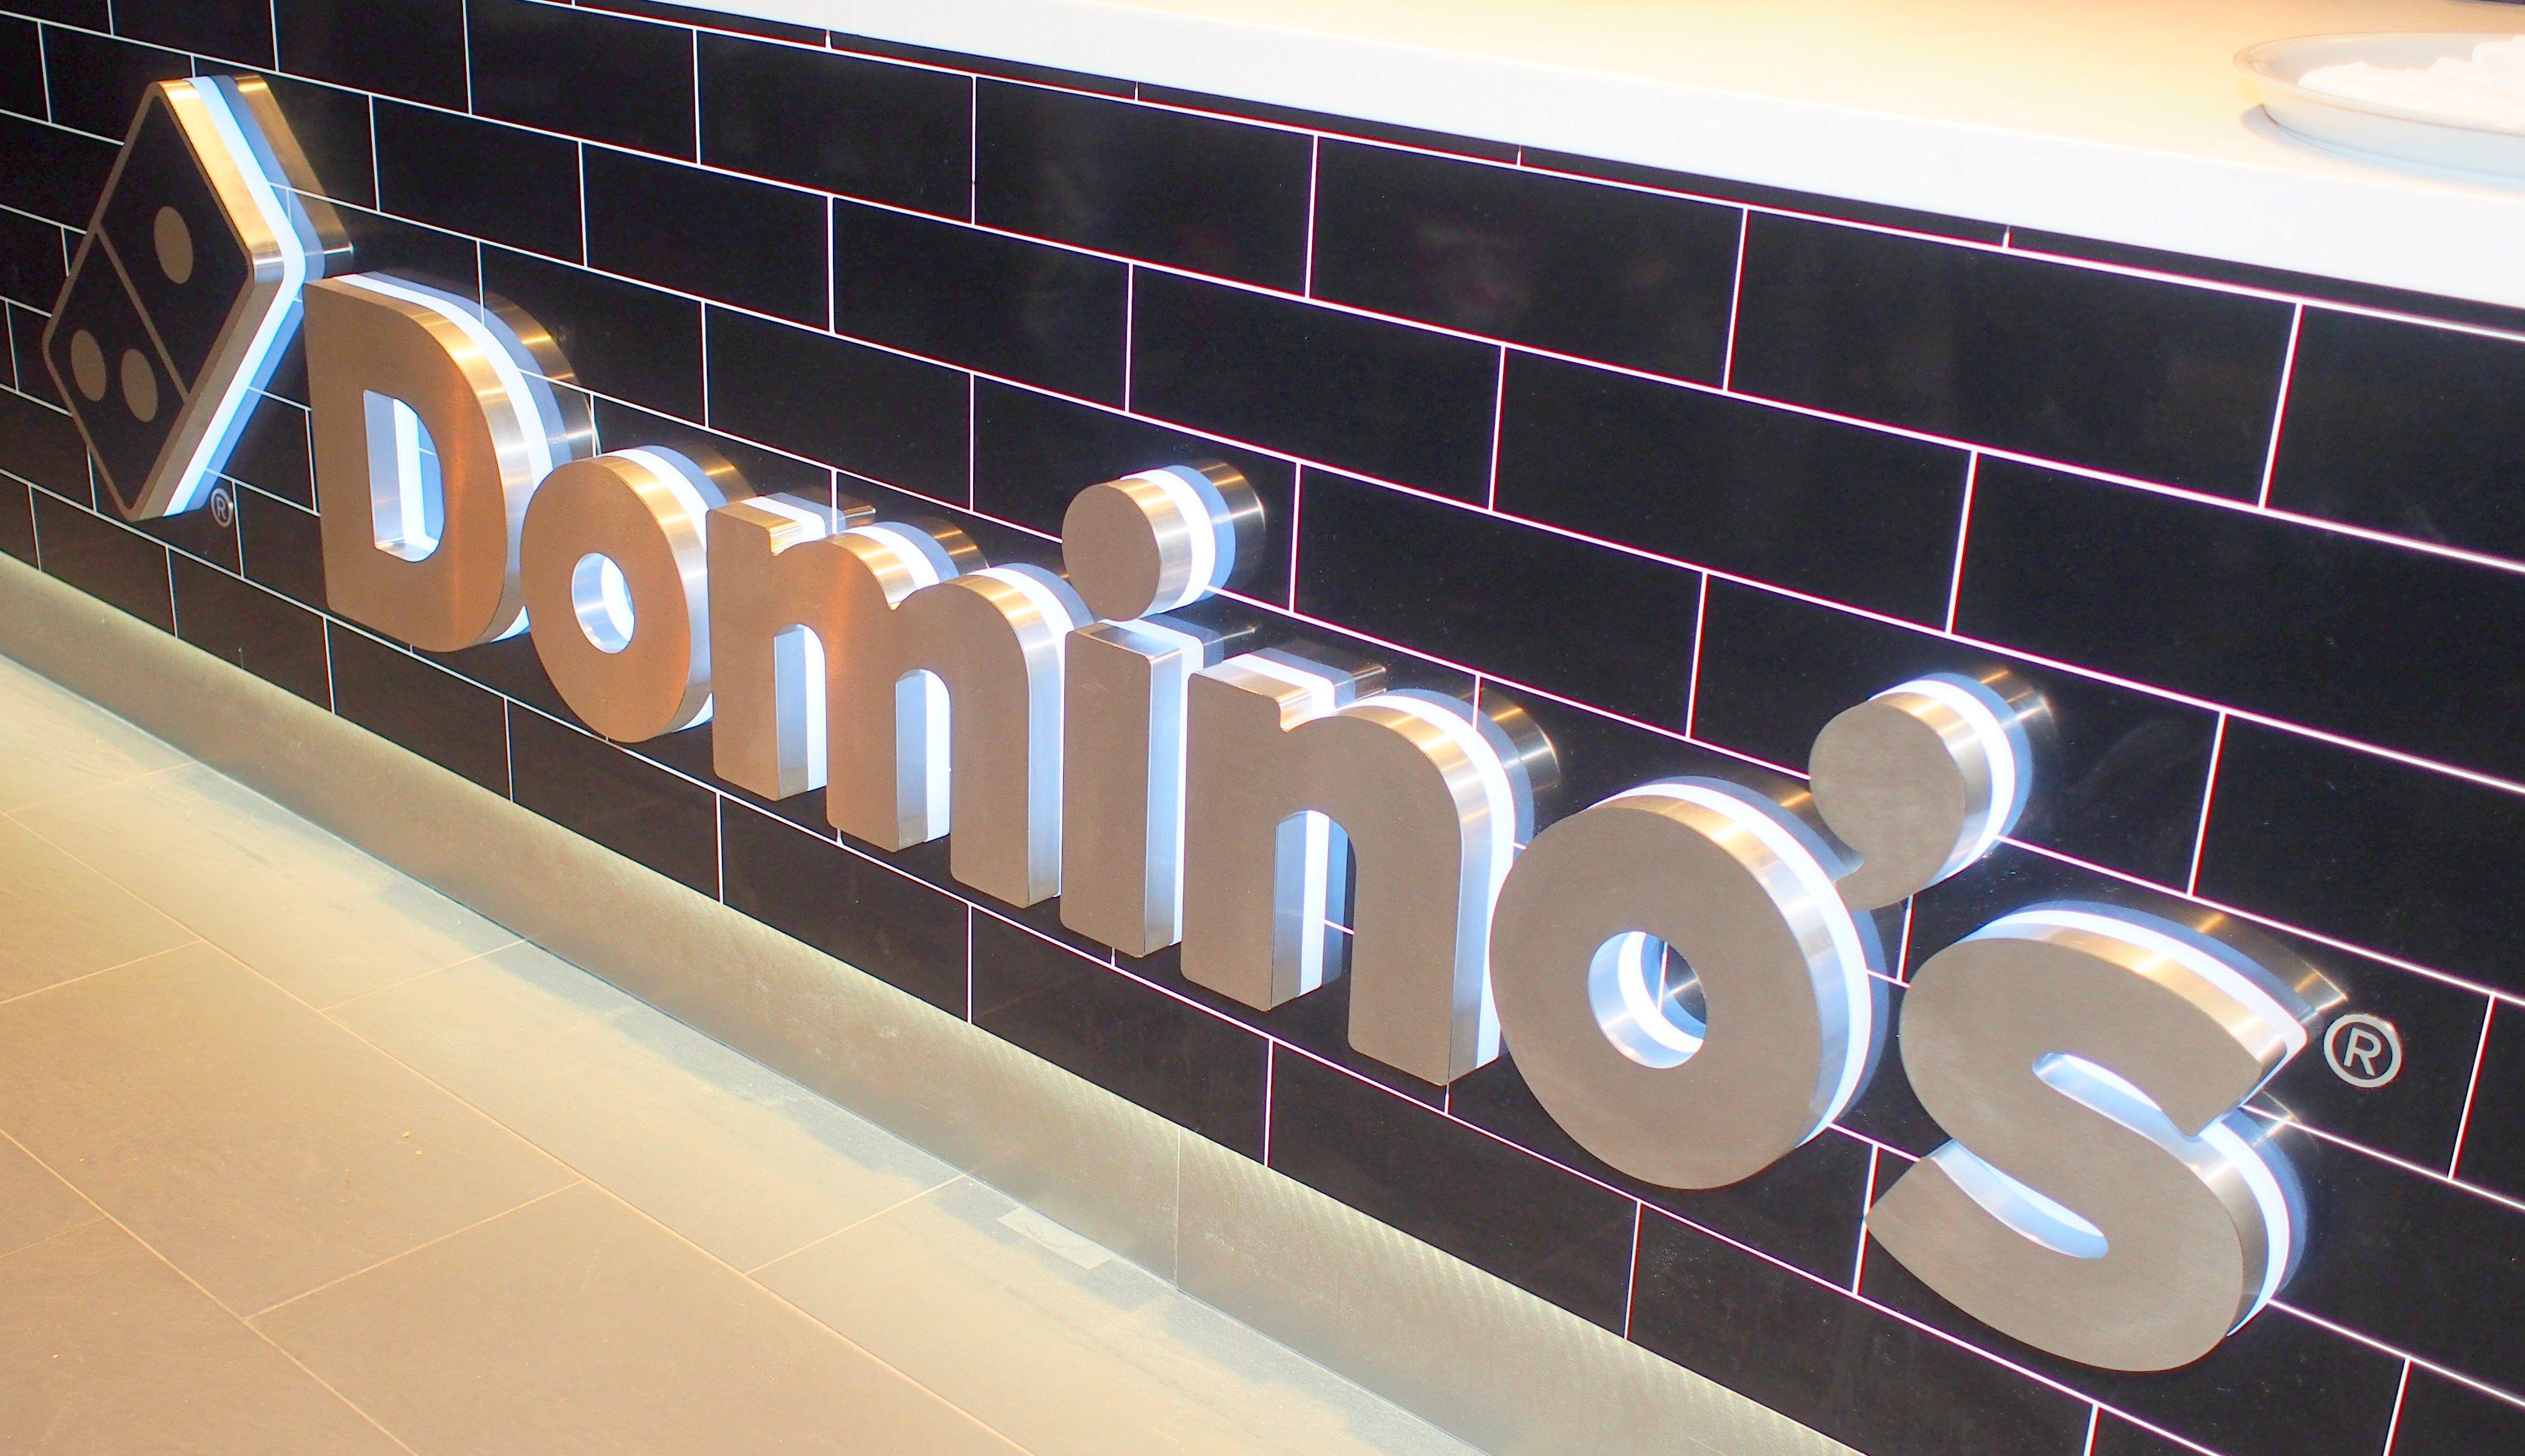 Entfernungsmesser Hamburg : Entfernungsmesser hamburg pumpe für ein wasserbett befüllen